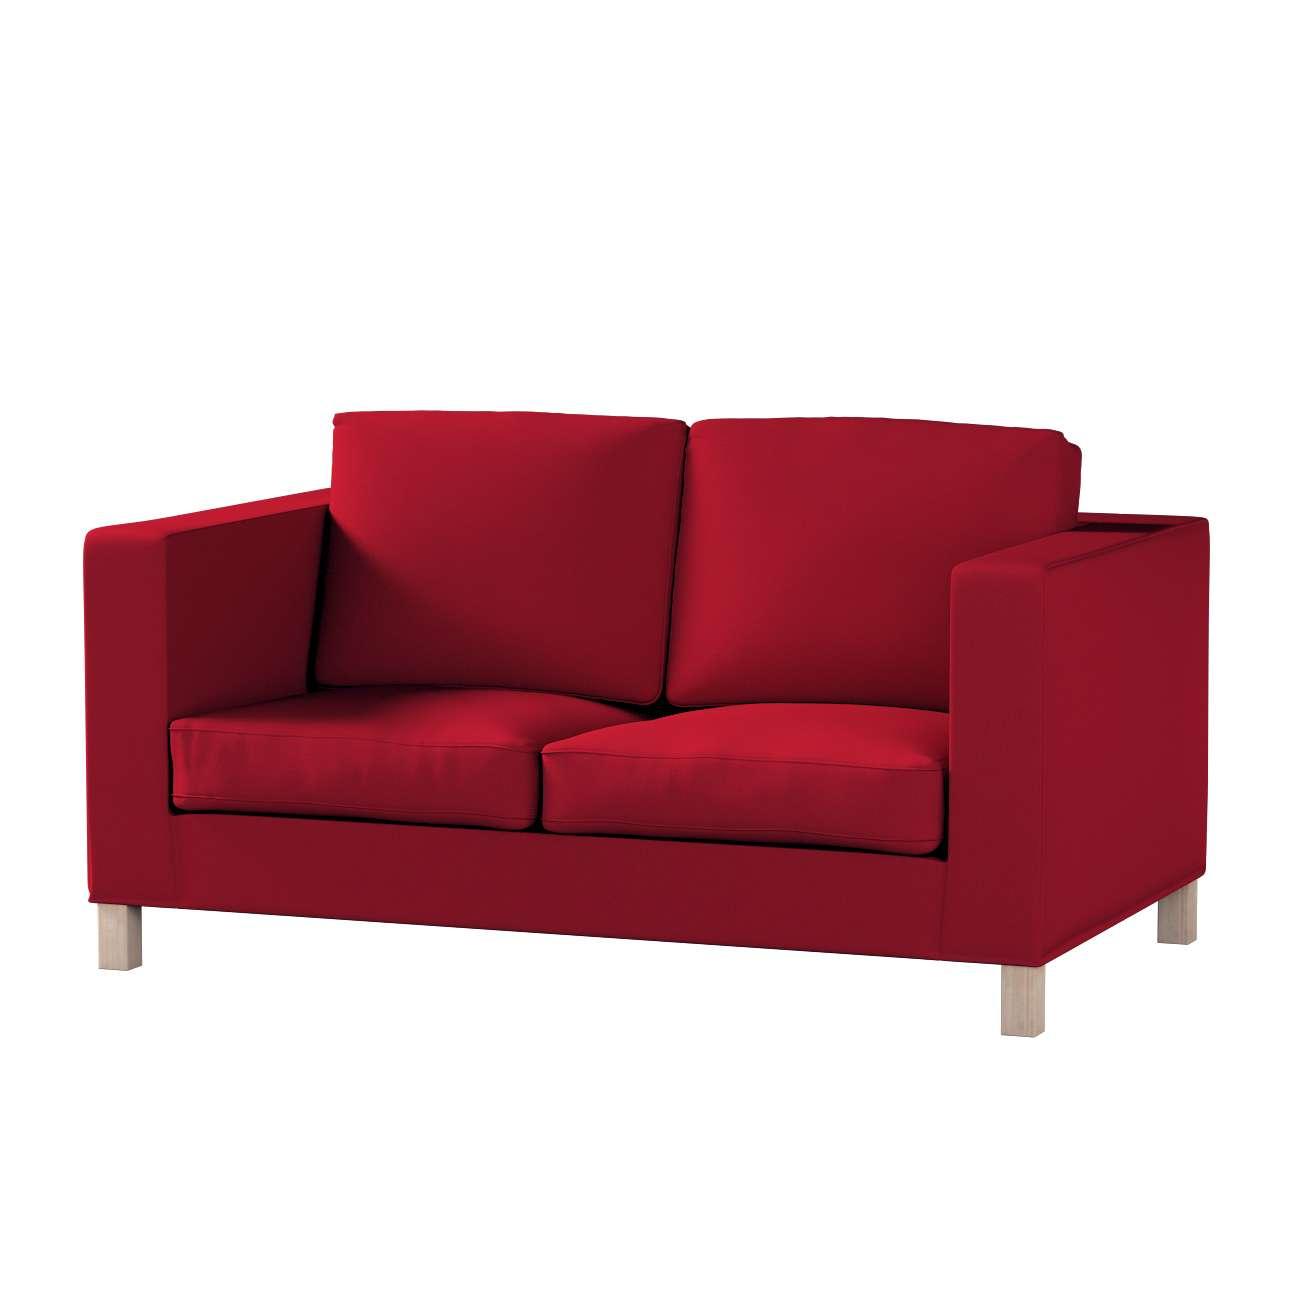 Karlanda 2-Sitzer Sofabezug nicht ausklappbar kurz von der Kollektion Etna, Stoff: 705-60